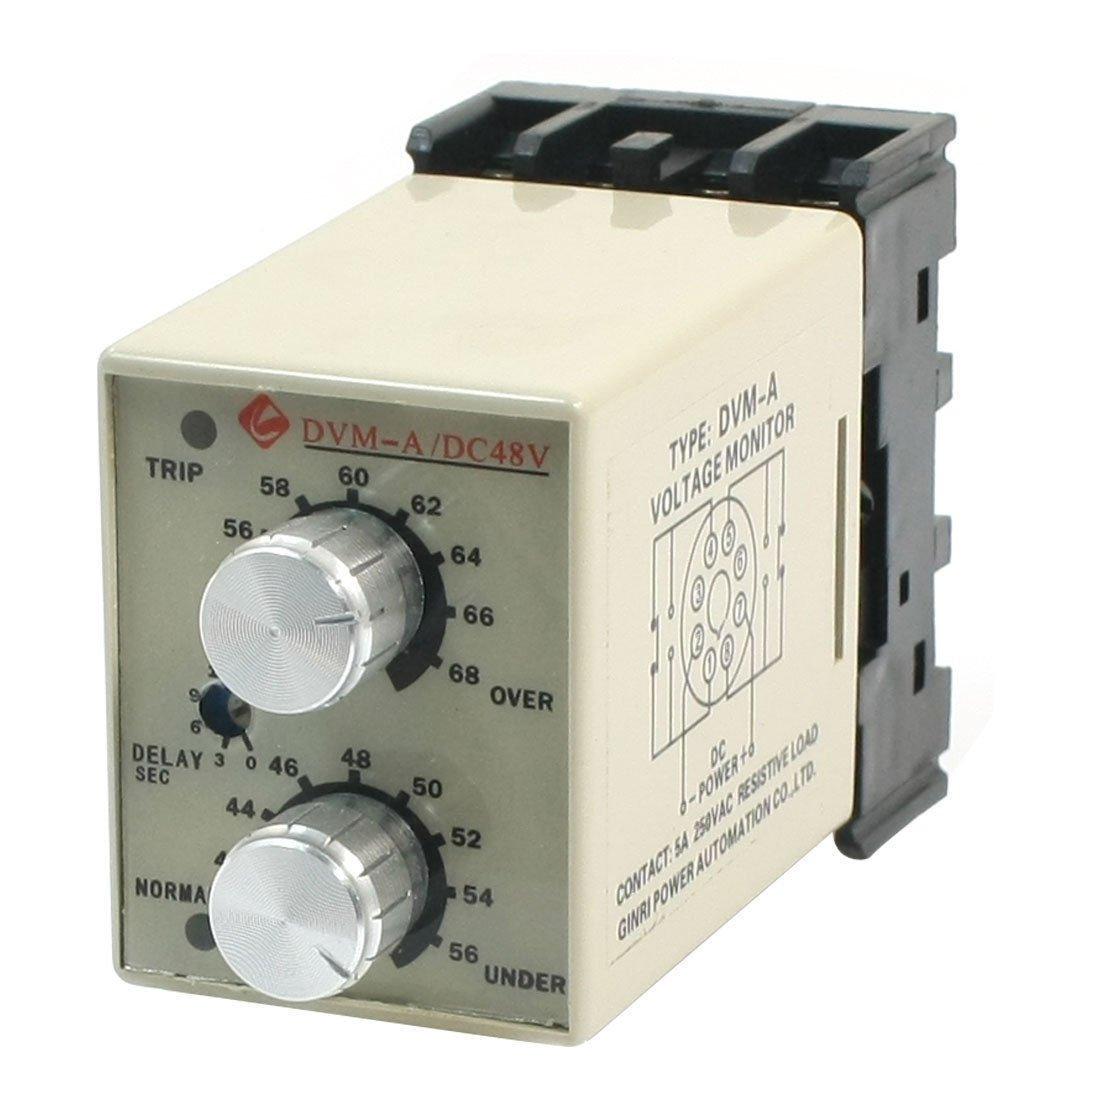 DC 48V Adjustable Over/Under Voltage Protection Monitoring Relay DVM-A/48V